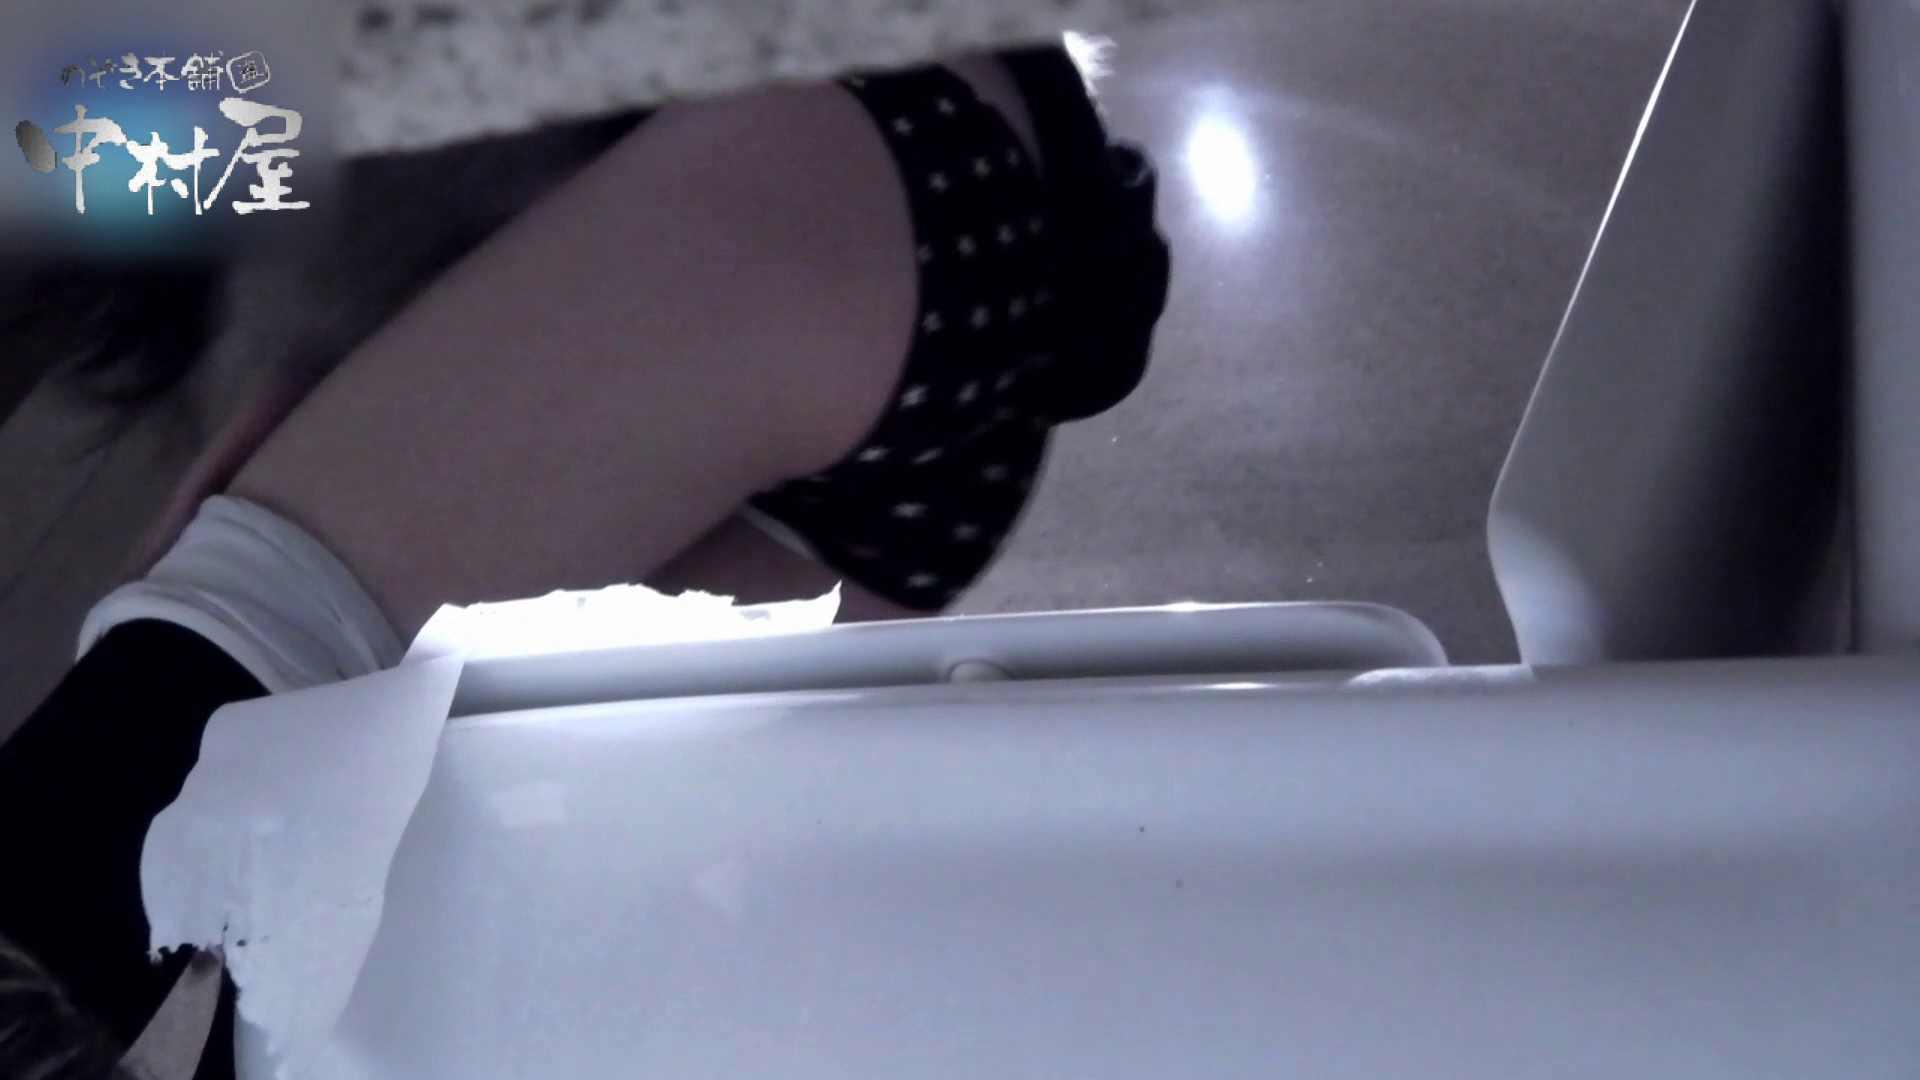 乙女集まる!ショッピングモール潜入撮vol.11 美しいOLの裸体 性交動画流出 78pic 56